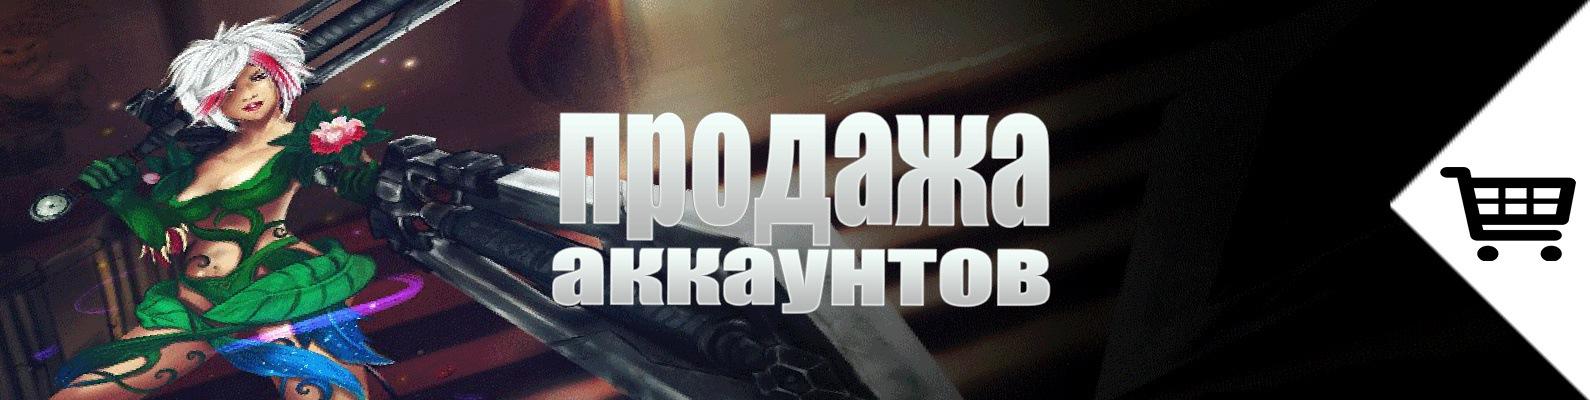 Как узнать сколько ботов в группе Вконтакте